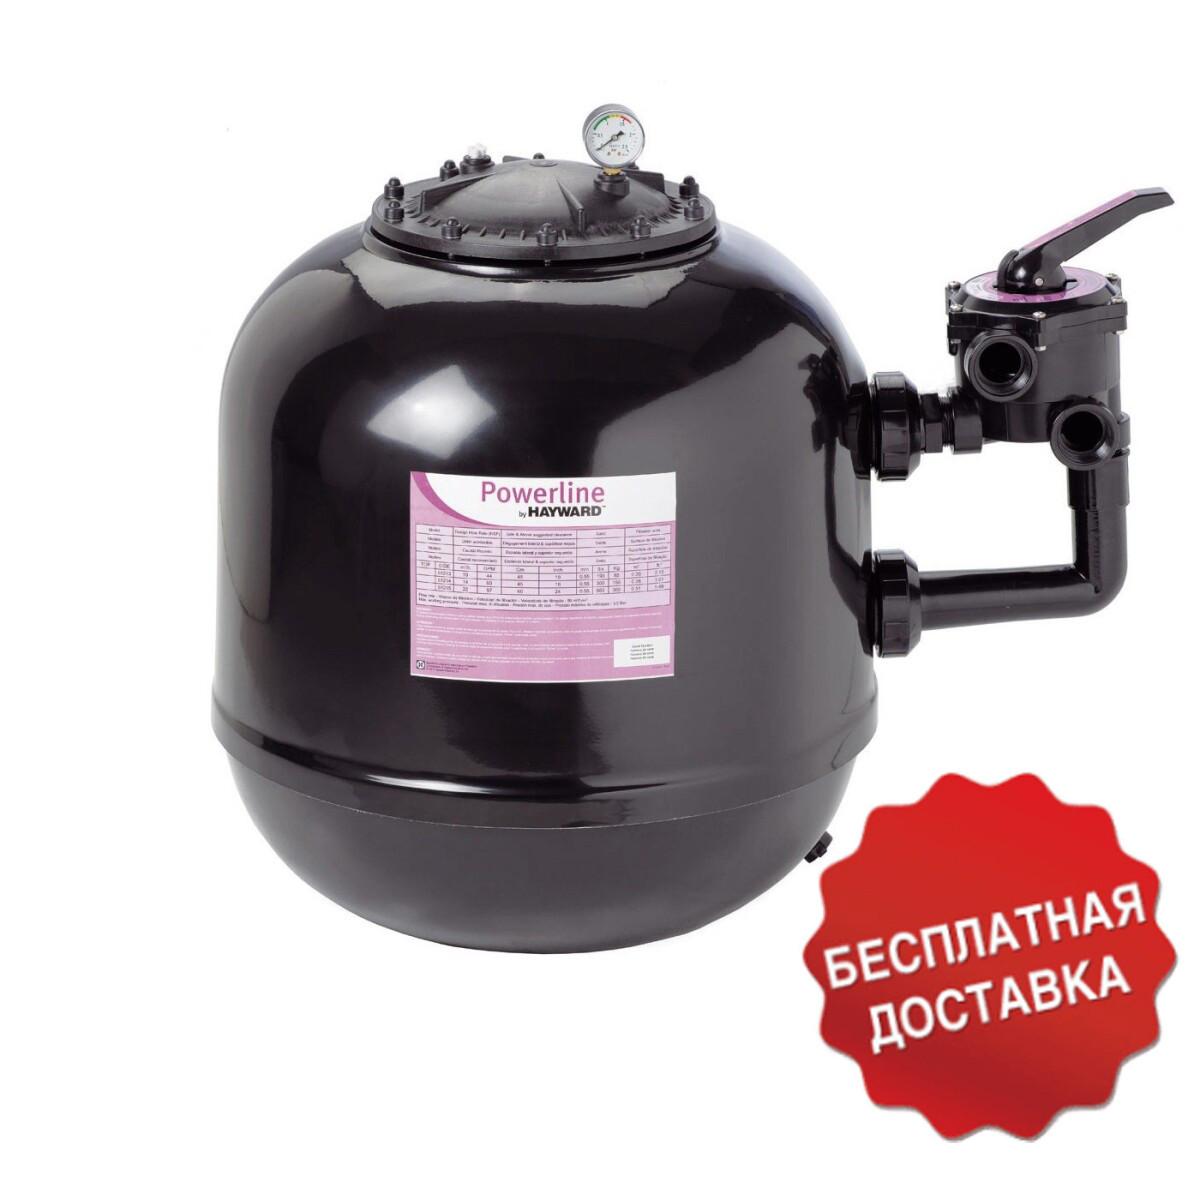 Пісочний фільтр для басейну Hayward Powerline NC500SE2 (D500) (10 м3/год)